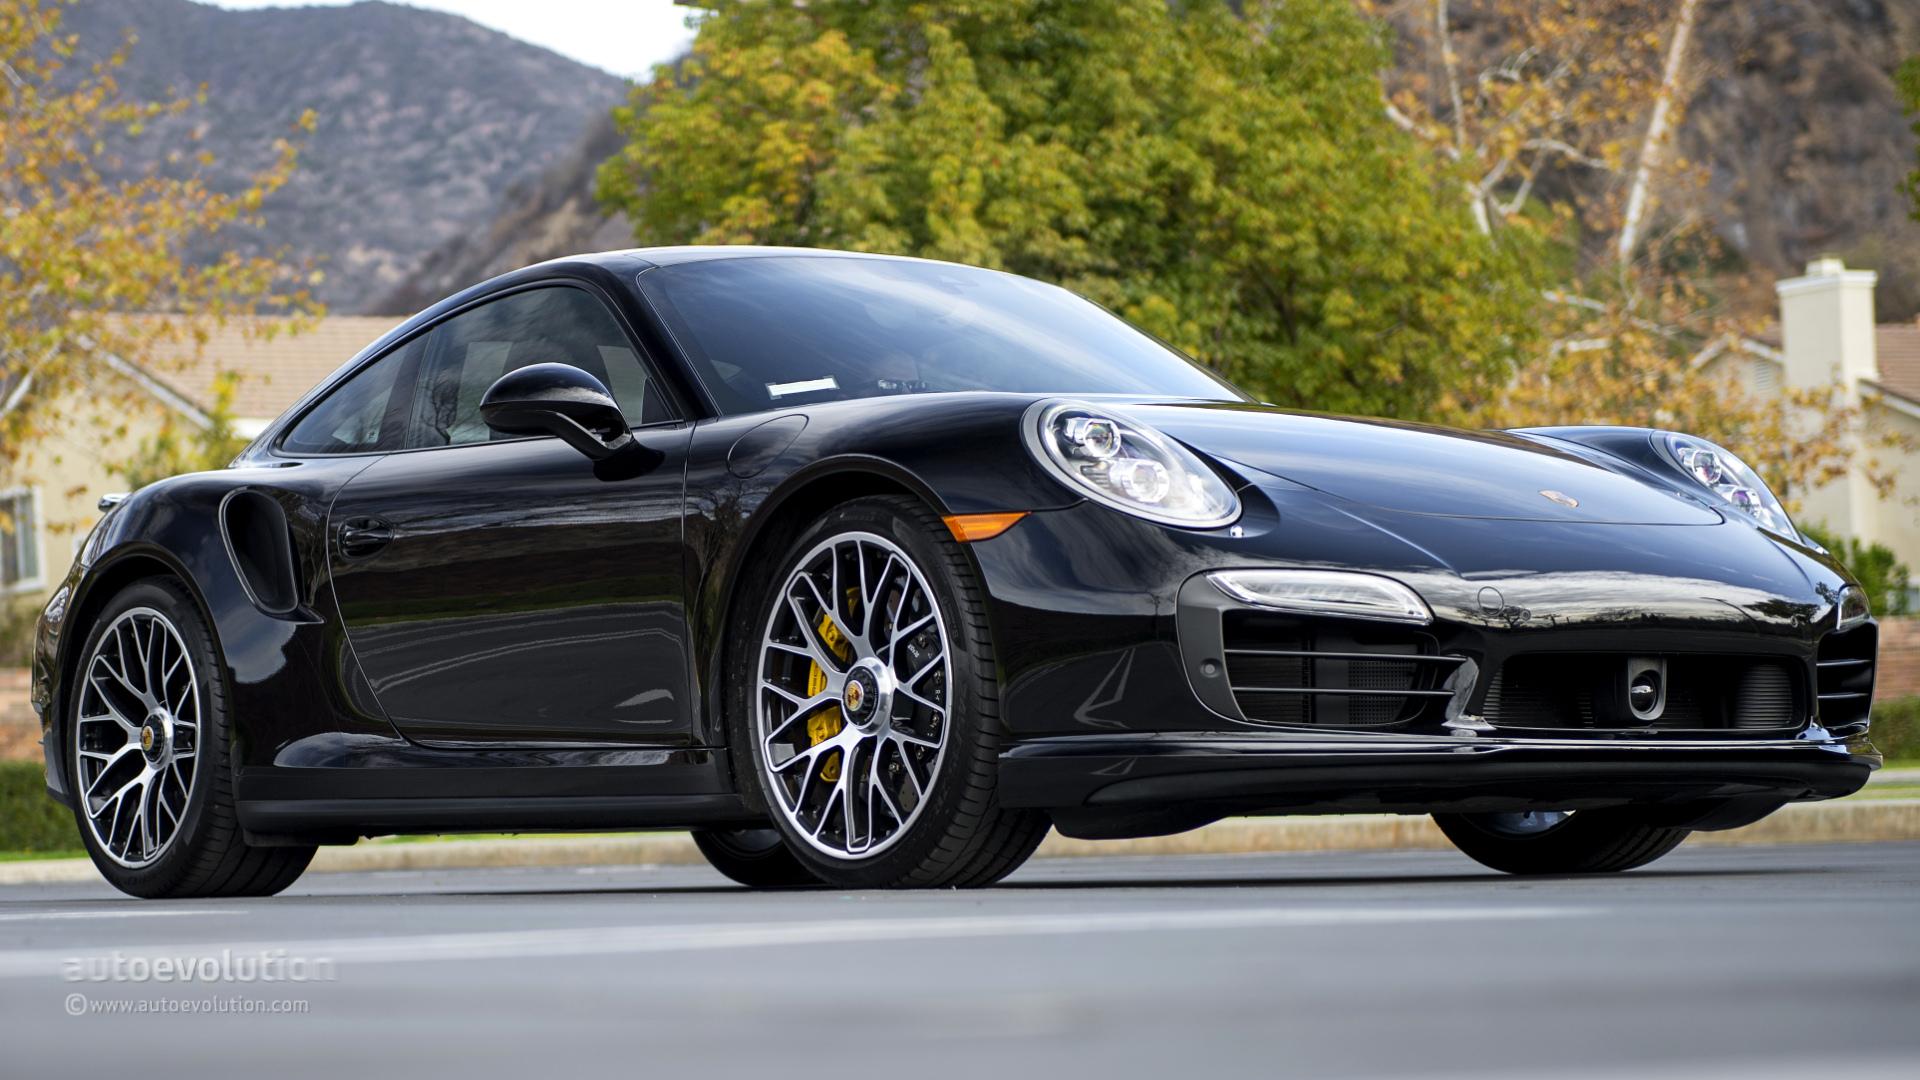 2014 porsche 911 turbo s specs